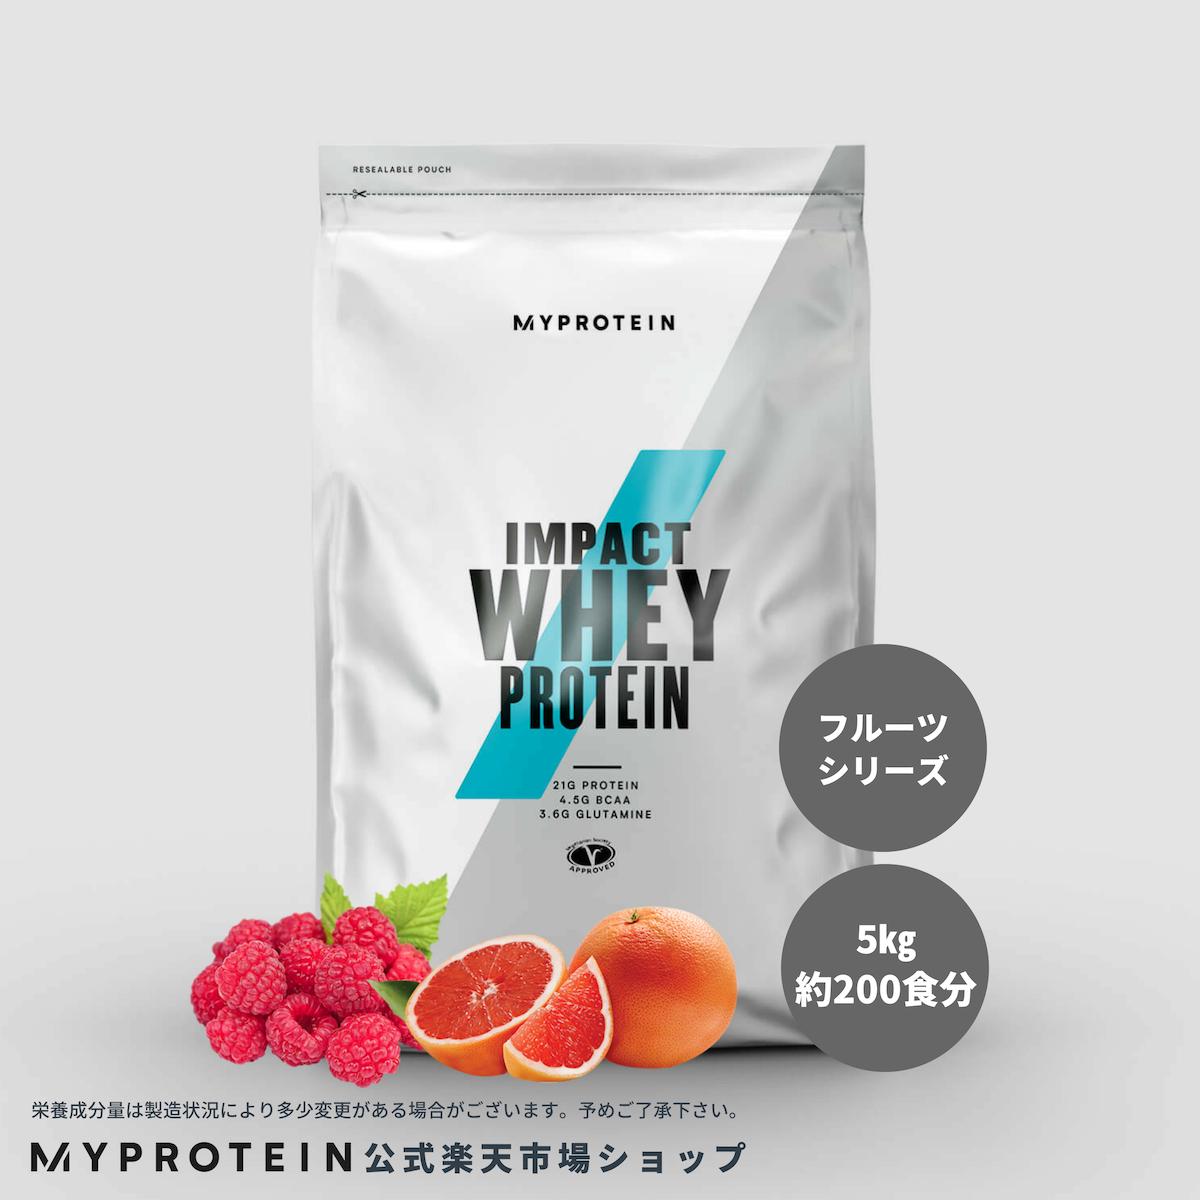 マイプロテイン 公式 【MyProtein】 Impact ホエイプロテイン(フルーツシリーズ) 5kg 約200食分【海外直送】